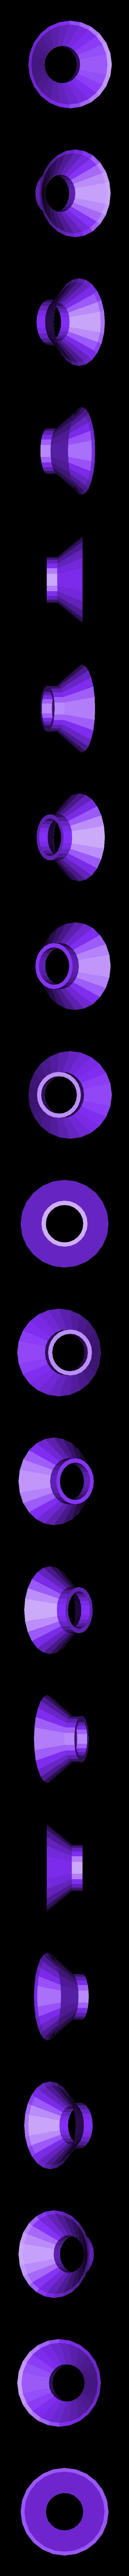 1stAtempt.stl Télécharger fichier STL gratuit RunCamHD Parasol - GRAND - Impression Flex seulement ! • Design pour imprimante 3D, Thomllama